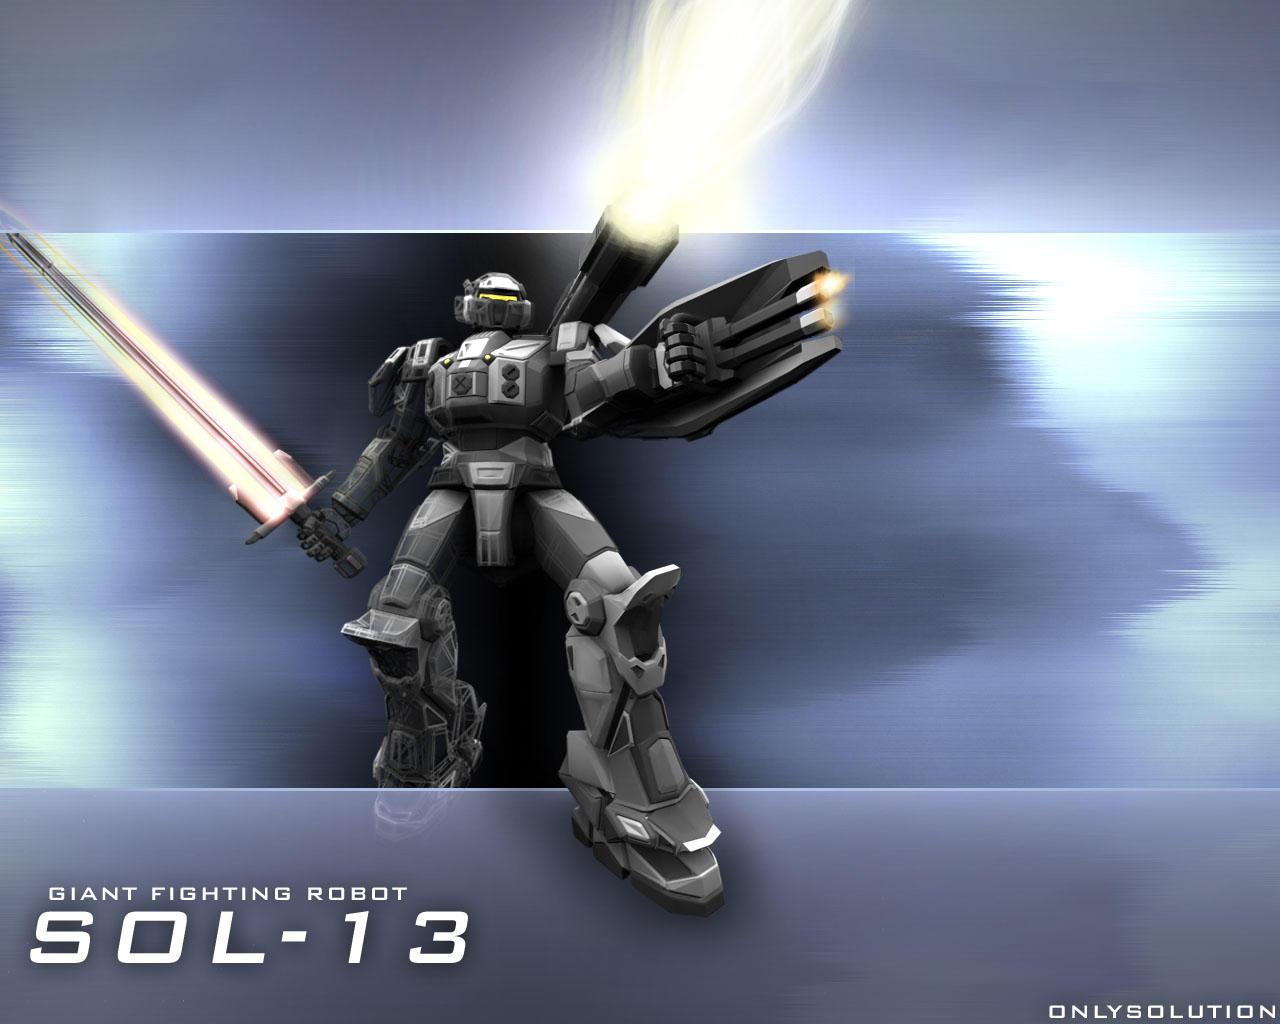 GFR SOL 13 Wallpaper Reanimate The Inner Gundam Inside You: 25+ Formidable Gundam Wallpaper Designs